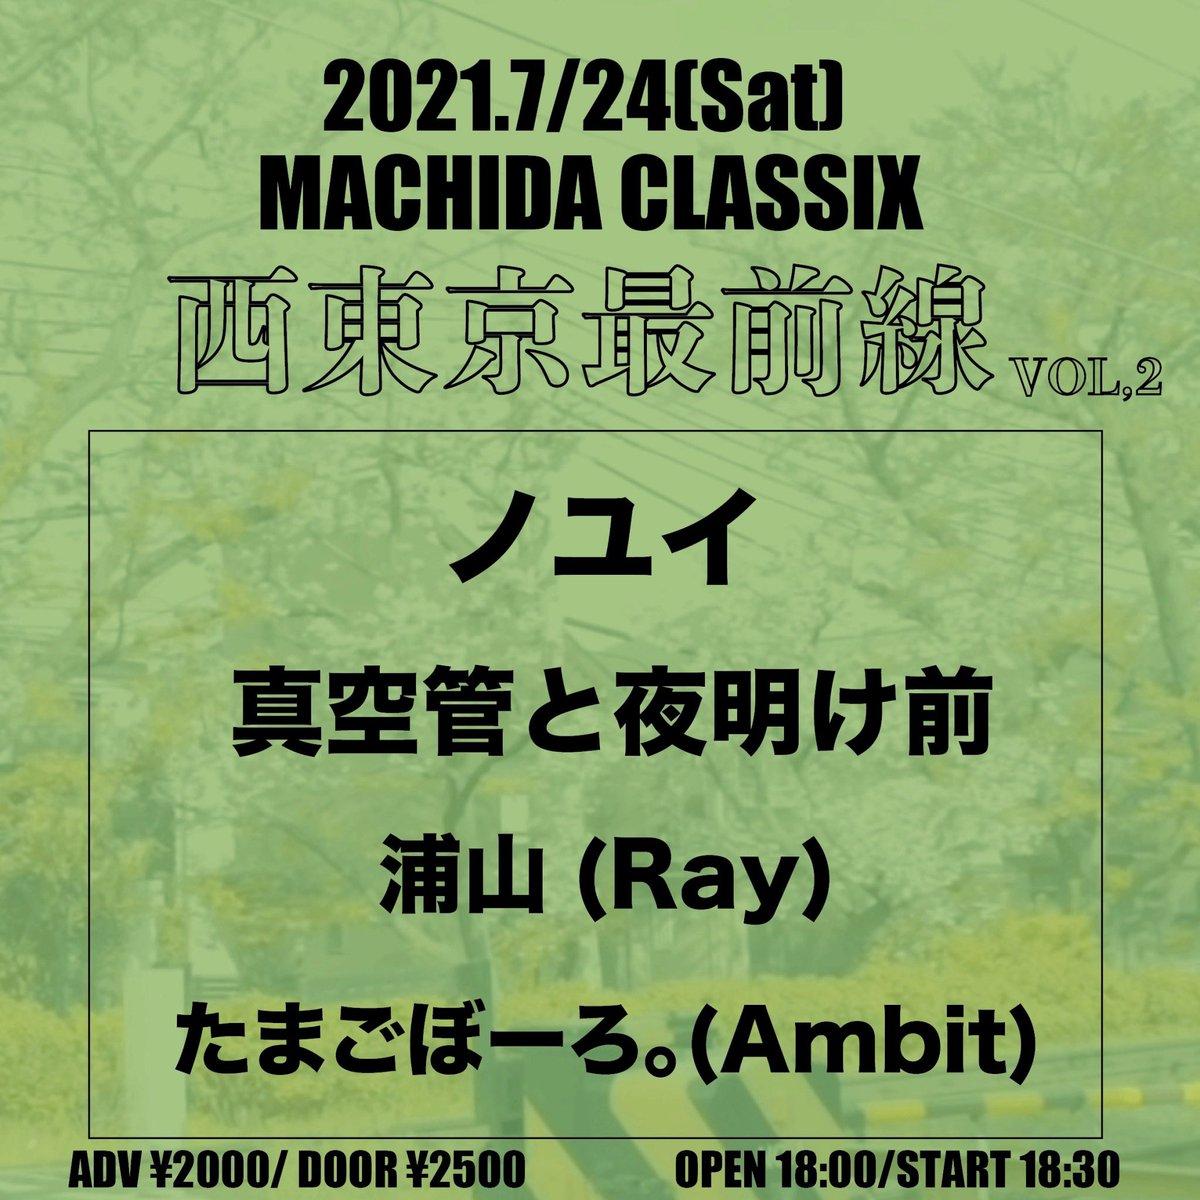 test ツイッターメディア - 【明日のイベント】  2021 7/24(Sat)  西東京最前線 vol,2  出演  ノユイ 浦山(Ray) 真空管と夜明け前 たまごぼーろ。(Ambit)  ticket:前売り¥2000/当日¥2500 OPEN 18:00/START 18:30  Rayは弾き語りの出演に変更になりました、 ご理解の程よろしくお願い致します。 https://t.co/VKeplcBfVf